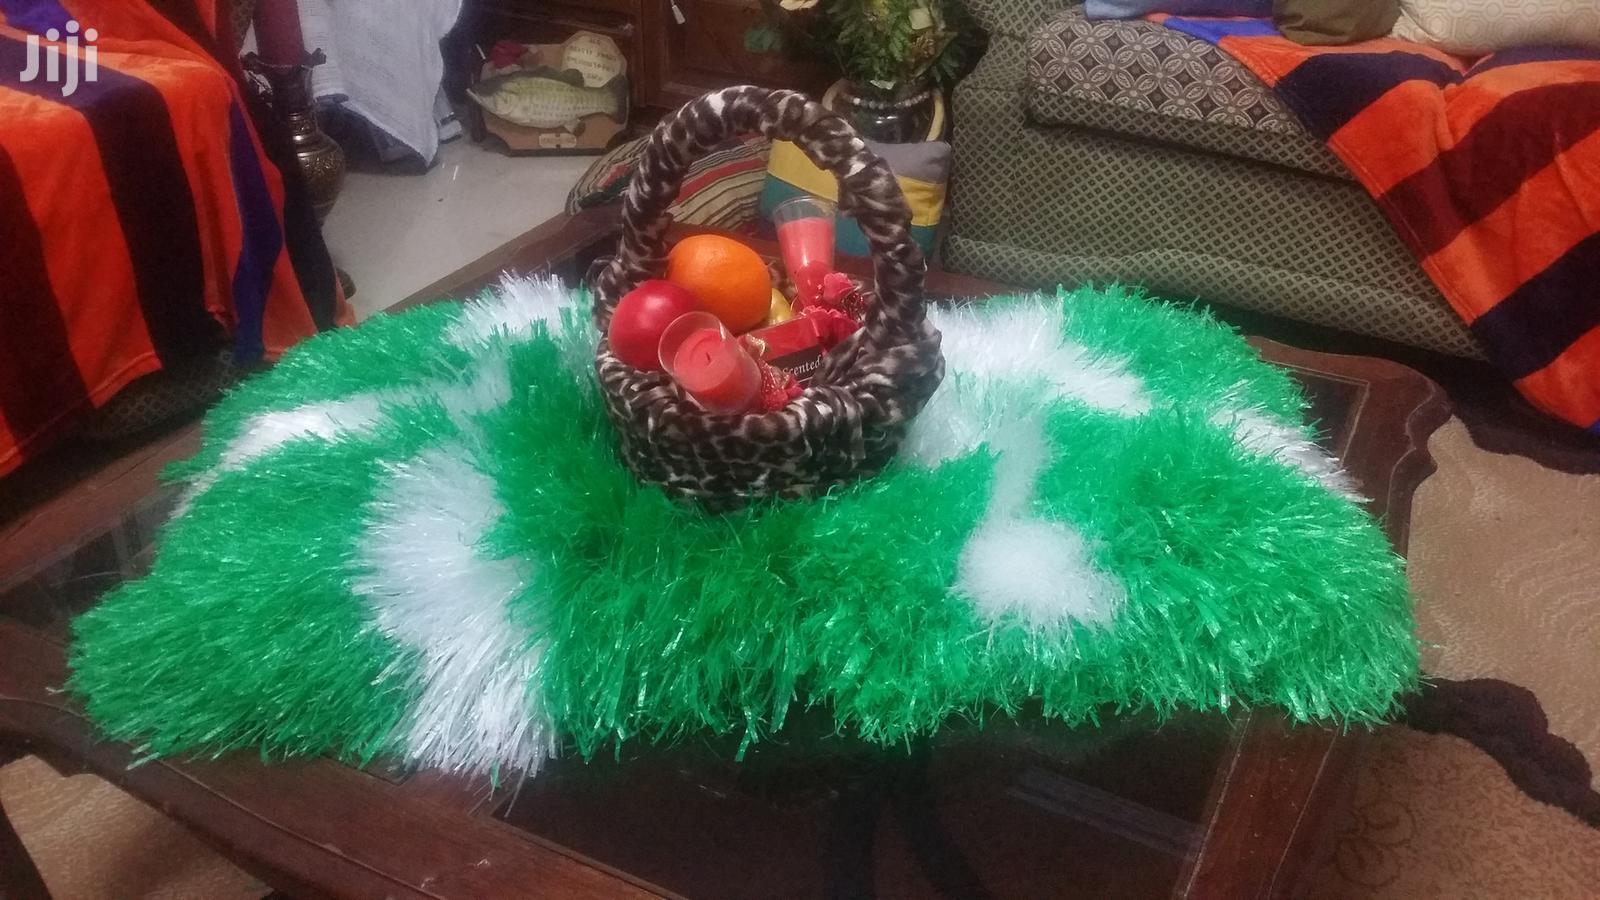 Decorative Mats | Home Accessories for sale in Bole, Addis Ababa, Ethiopia